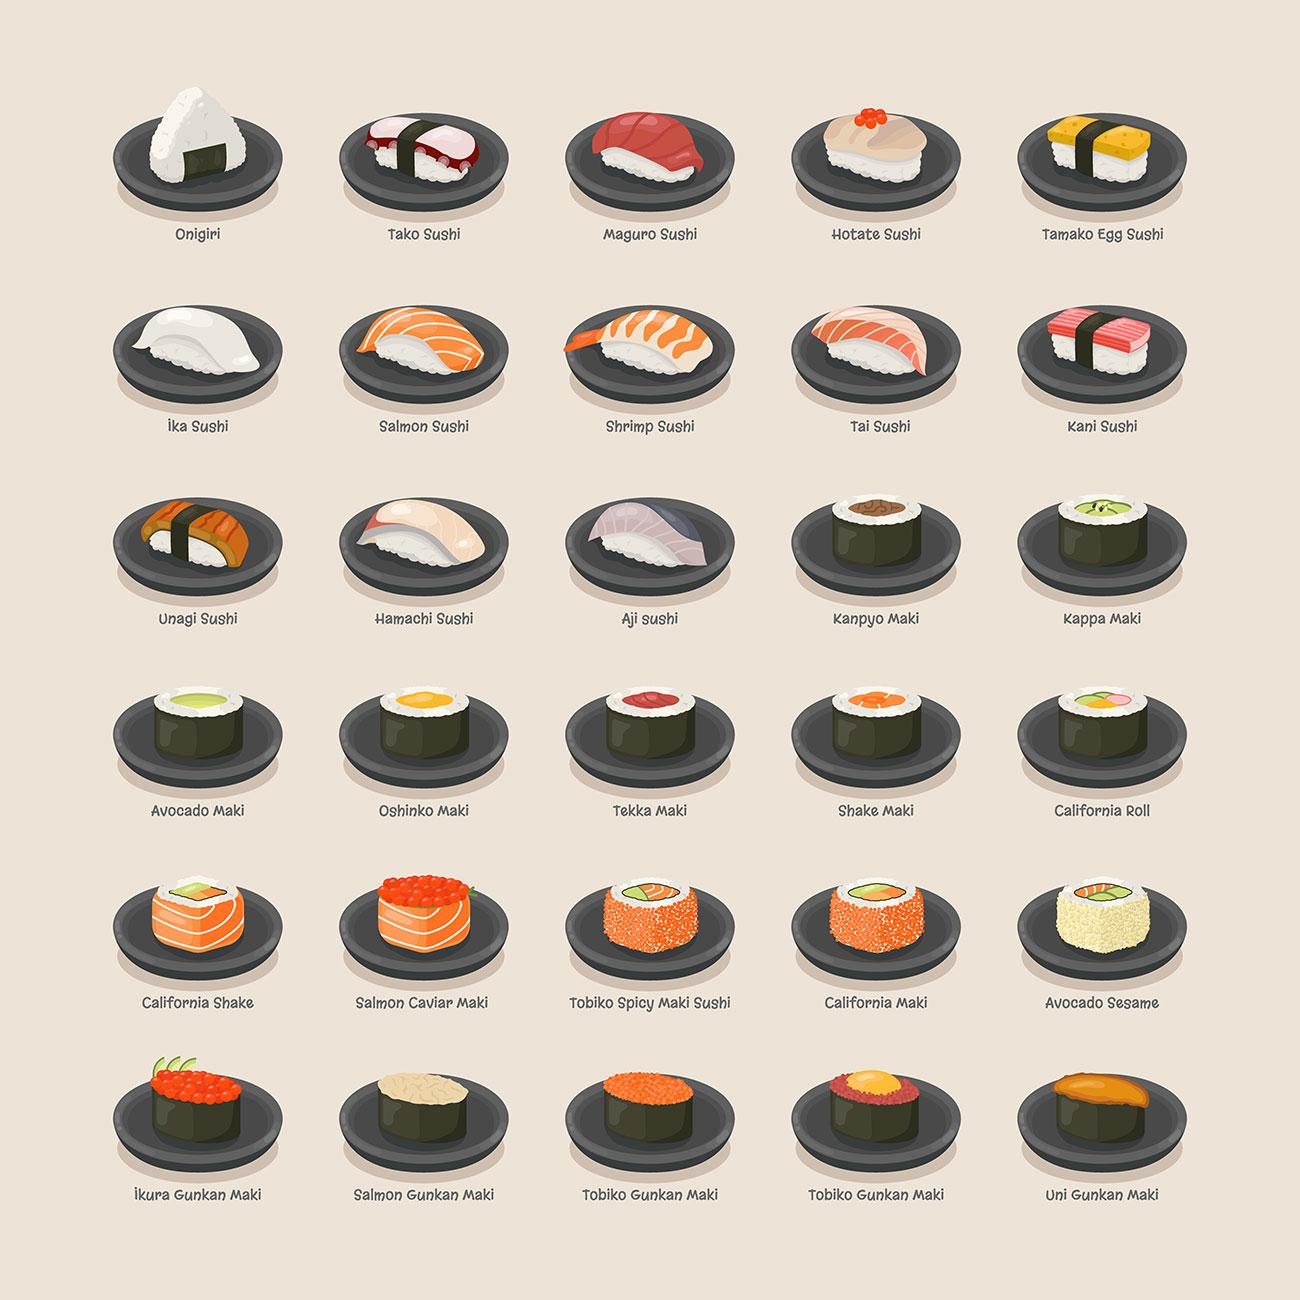 みんな大好き回転寿司チェーン、あなたが一番好きなのはどこ?【アンケート】(要約) | ねとらぼ調査隊